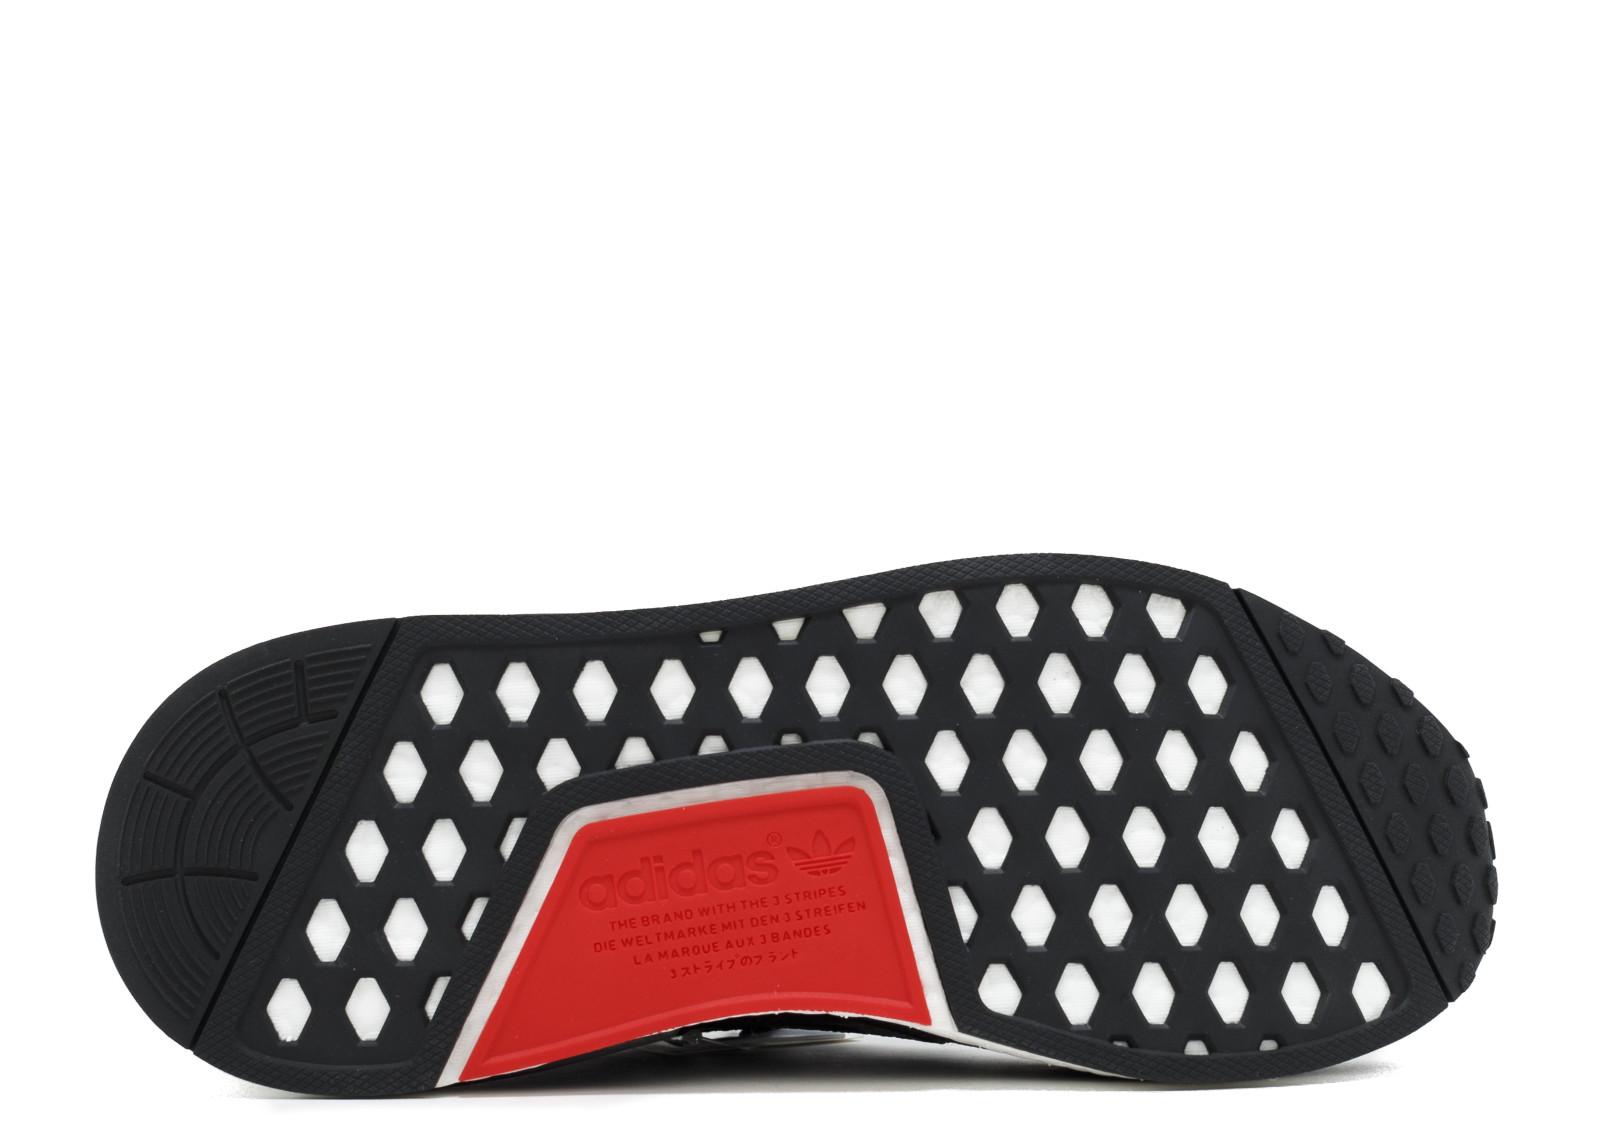 d7232f4f0f039 Adidas NMD R1 Footlocker Black Red - 4